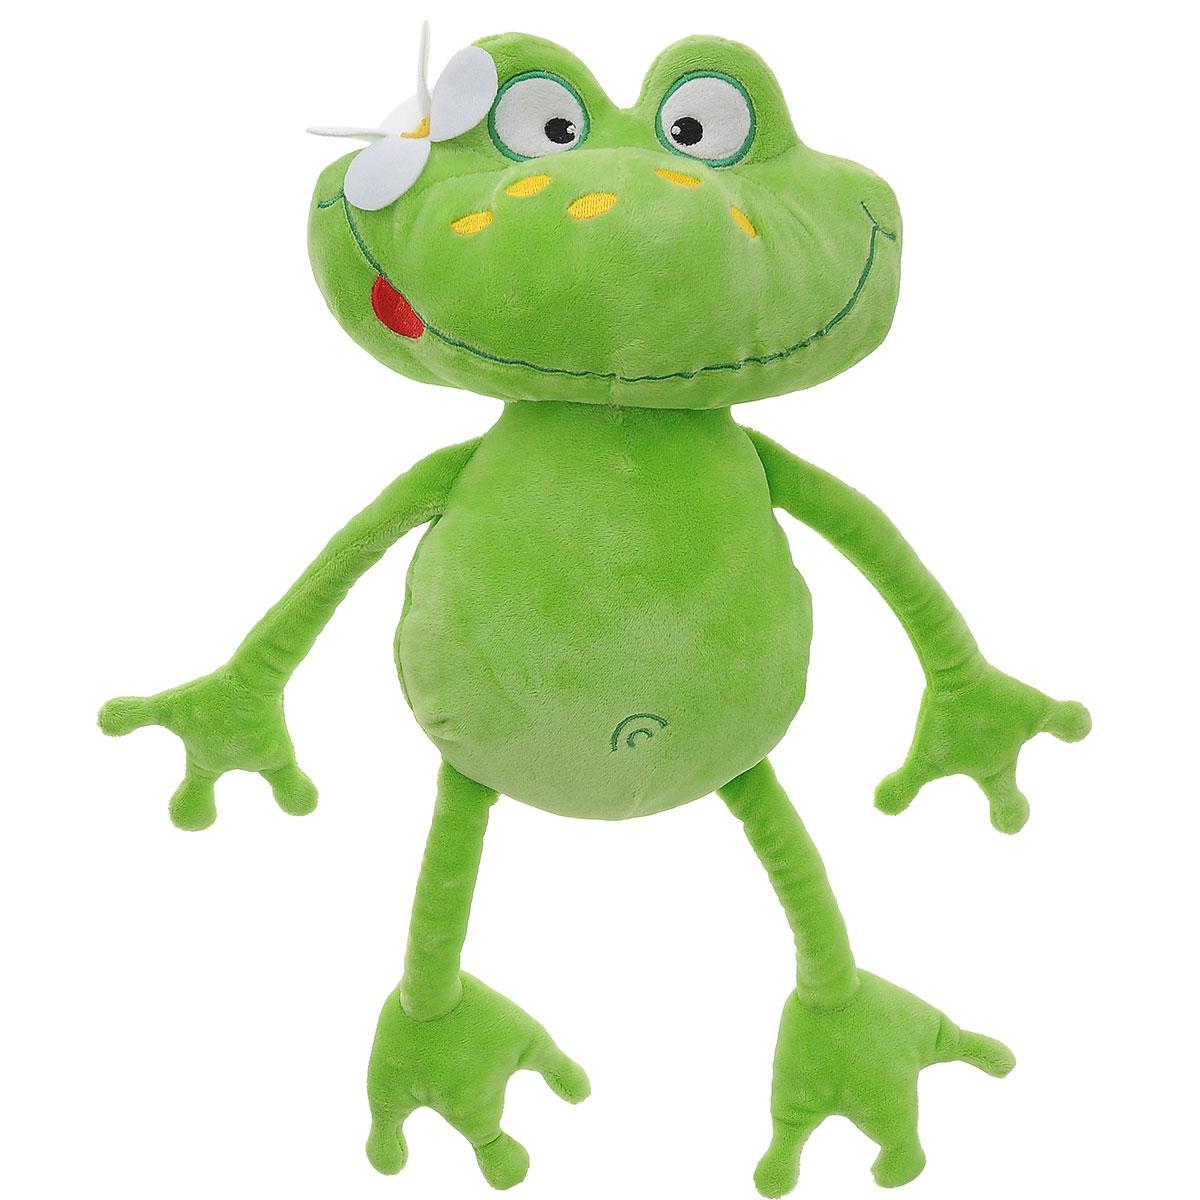 Мягкая игрушка Plush Apple Лягушка Сусанна, 40 смK08151AОчаровательна мягкая игрушка Plush Apple Лягушка Сусанна порадует и развеселит вас и вашего малыша. Выполнена в виде забавной лягушки с цветочком на голове. Изделие изготовлено из высококачественного и безопасного материала. Игрушка невероятно мягкая и приятная на ощупь, вам не захочется выпускать ее из рук. Небольшие размеры позволят малышу всюду брать ее с собой - на прогулку, в детский сад или в поездку. Мягкая игрушка Plush Apple Лягушка Сусанна принесет радость и подарит своему обладателю мгновения нежных объятий и приятных воспоминаний.